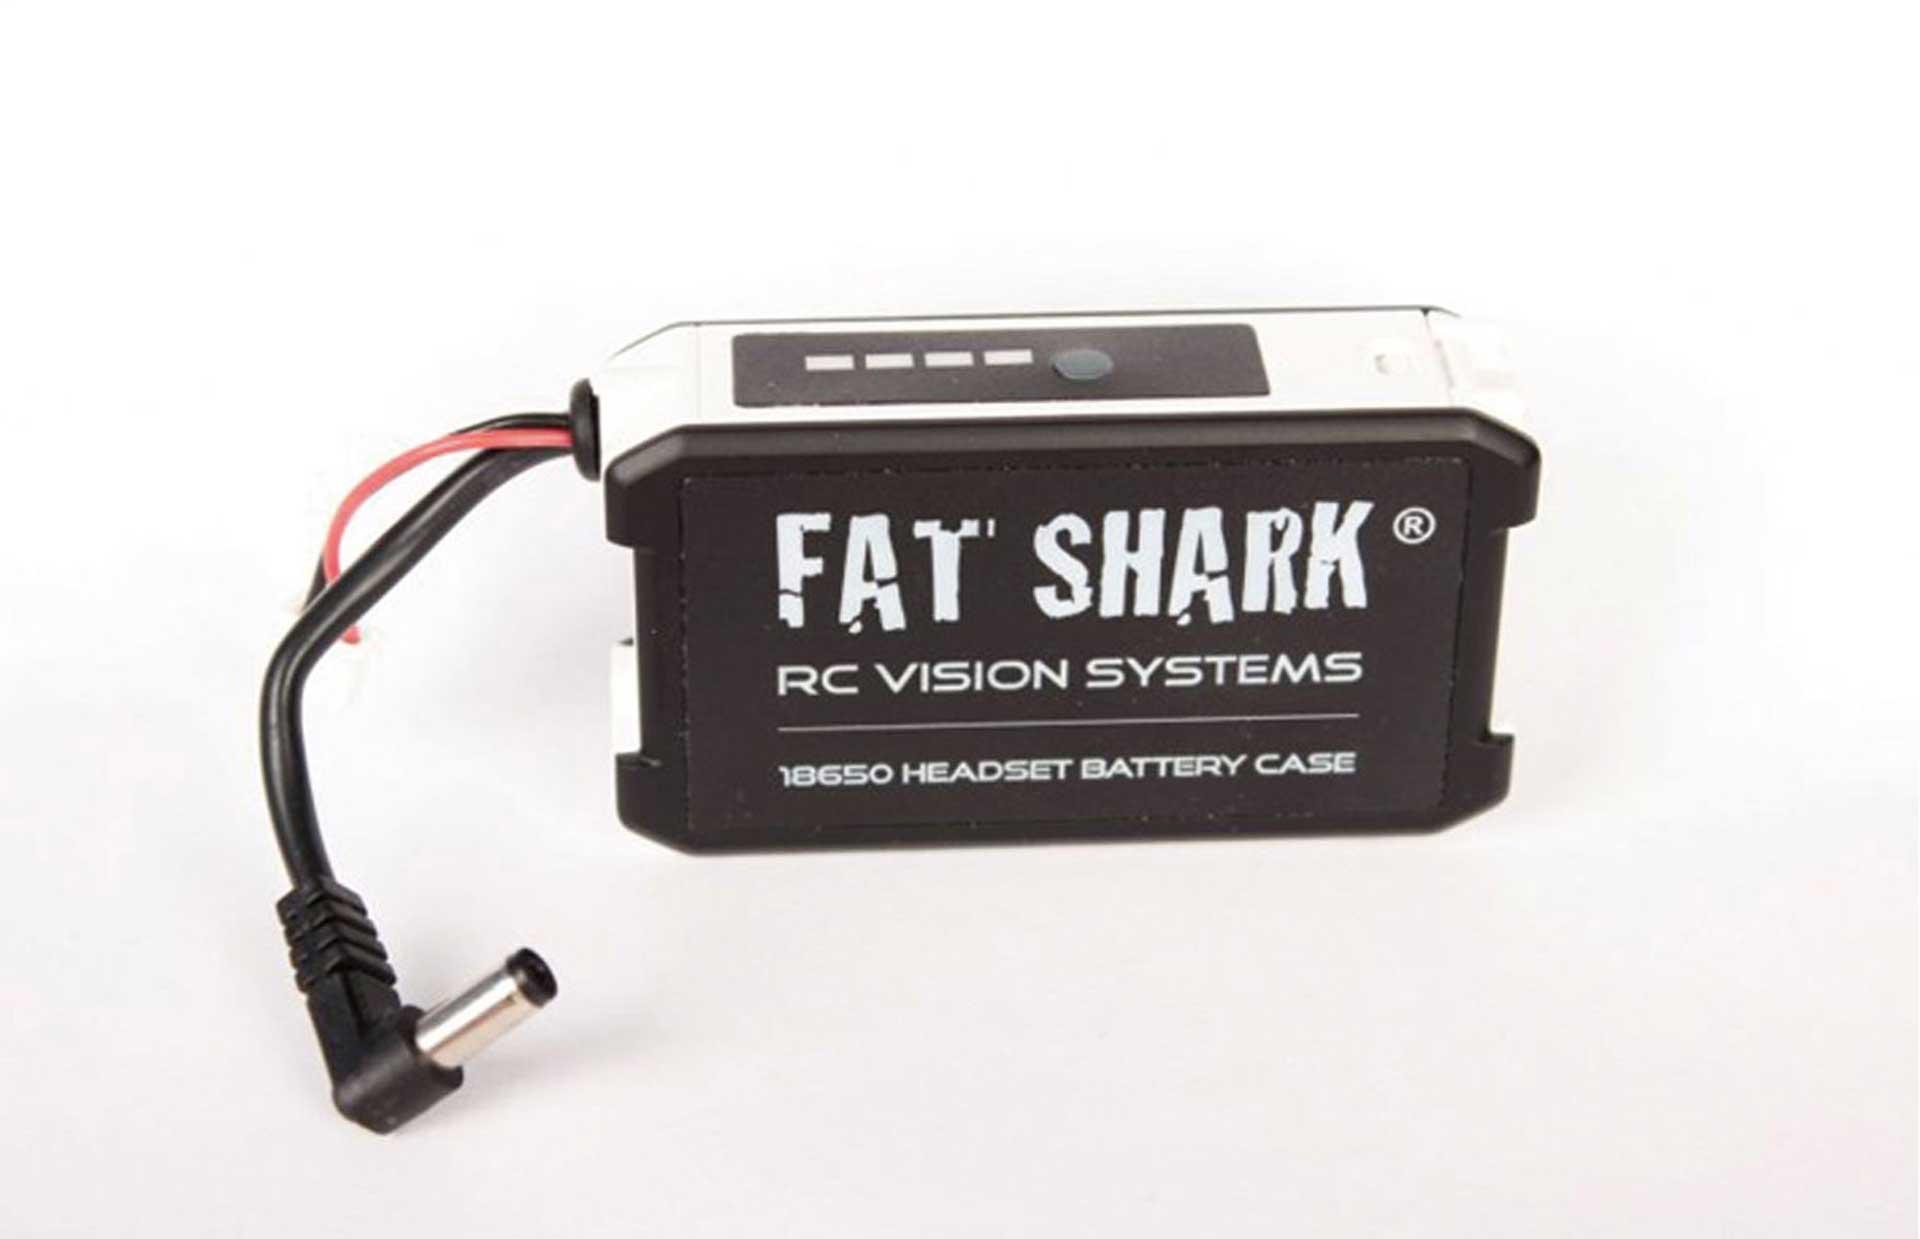 FAT SHARK TRANSFORMER HD BUNDLE DIVERSITY SYSTEM 32 CHANNELS INCL. RACEBAND HDMI INPUT